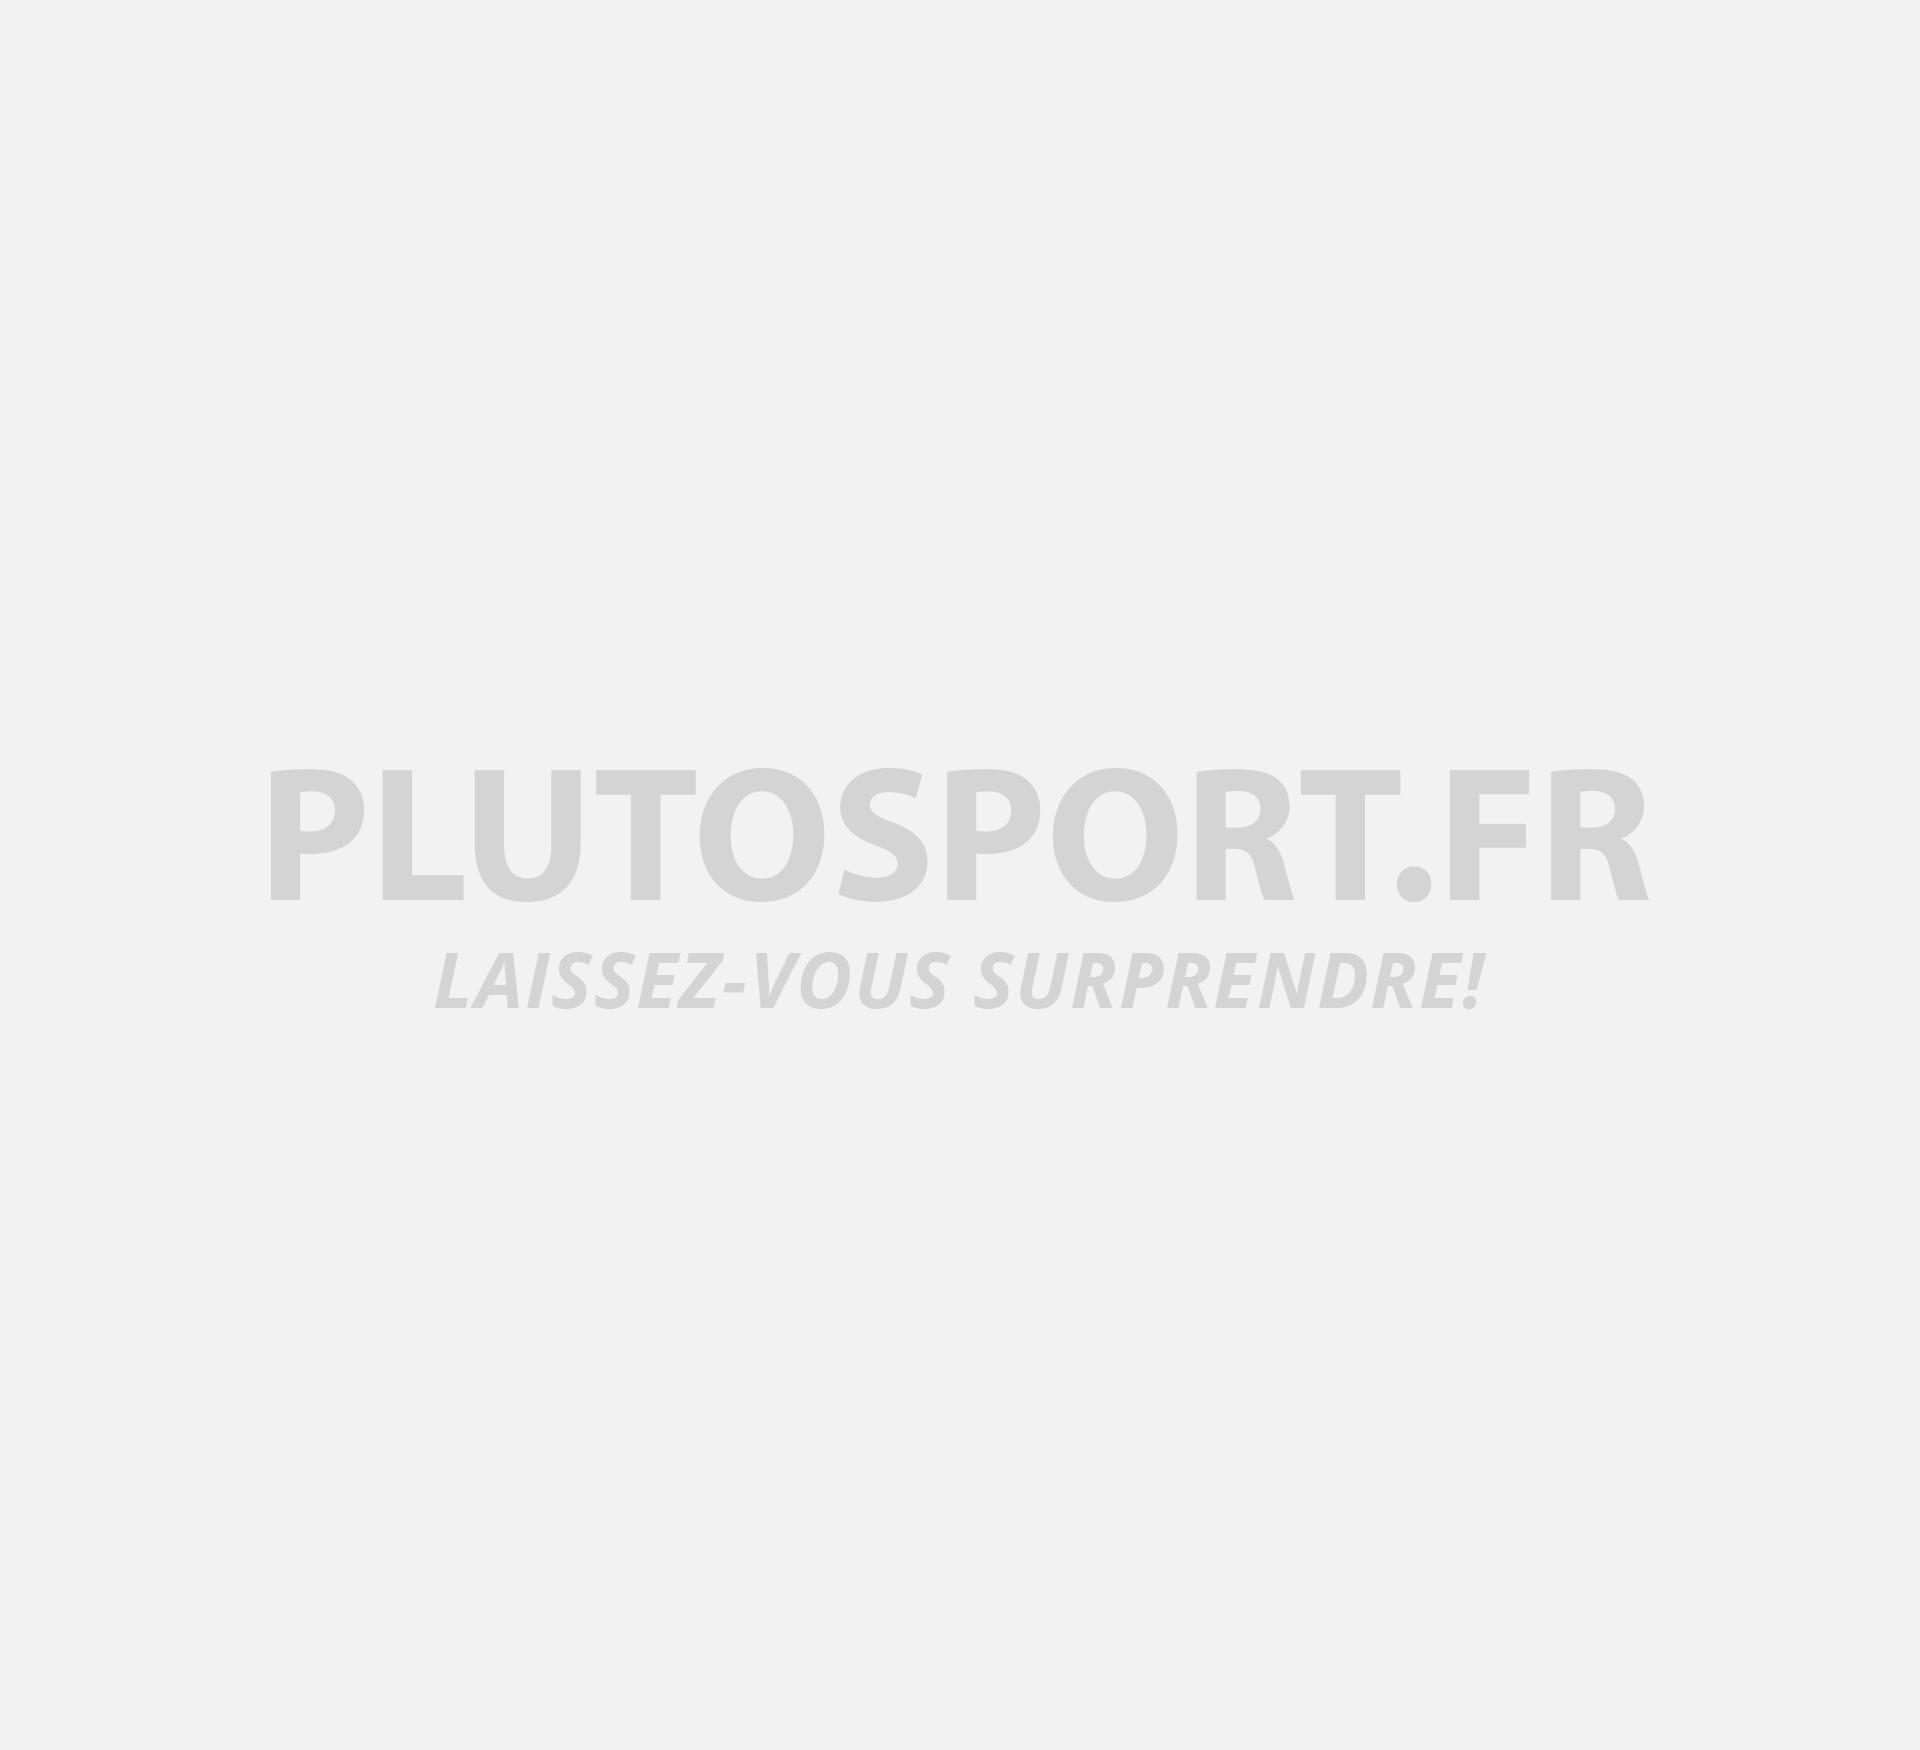 25a9db50394e Shirt Superdry Mc T Destroy Polo Vintage Vêtements Piqué w8q1Y